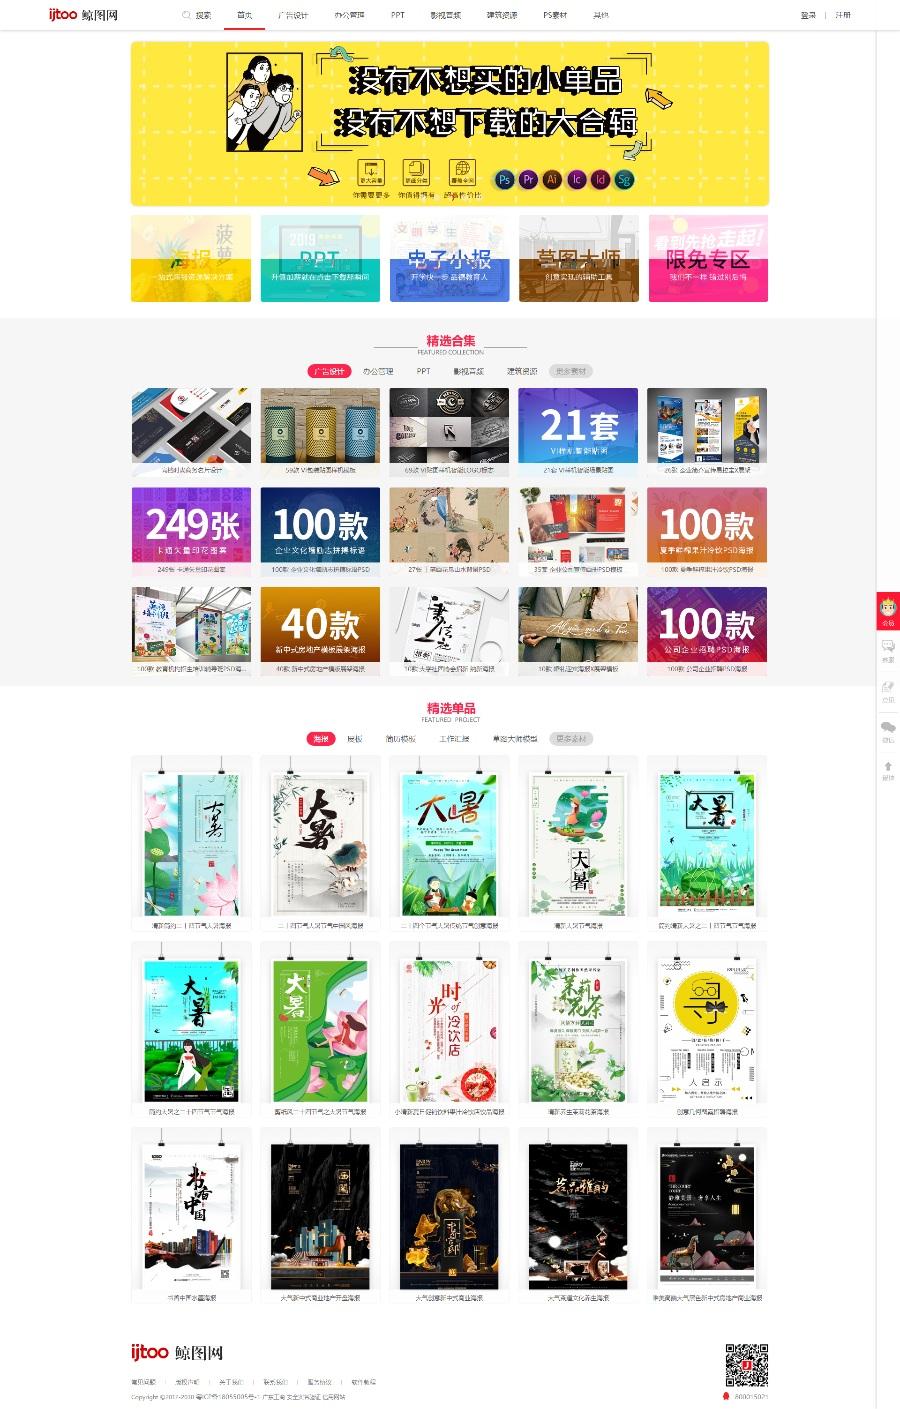 鲸图网|高质量设计素材分享网